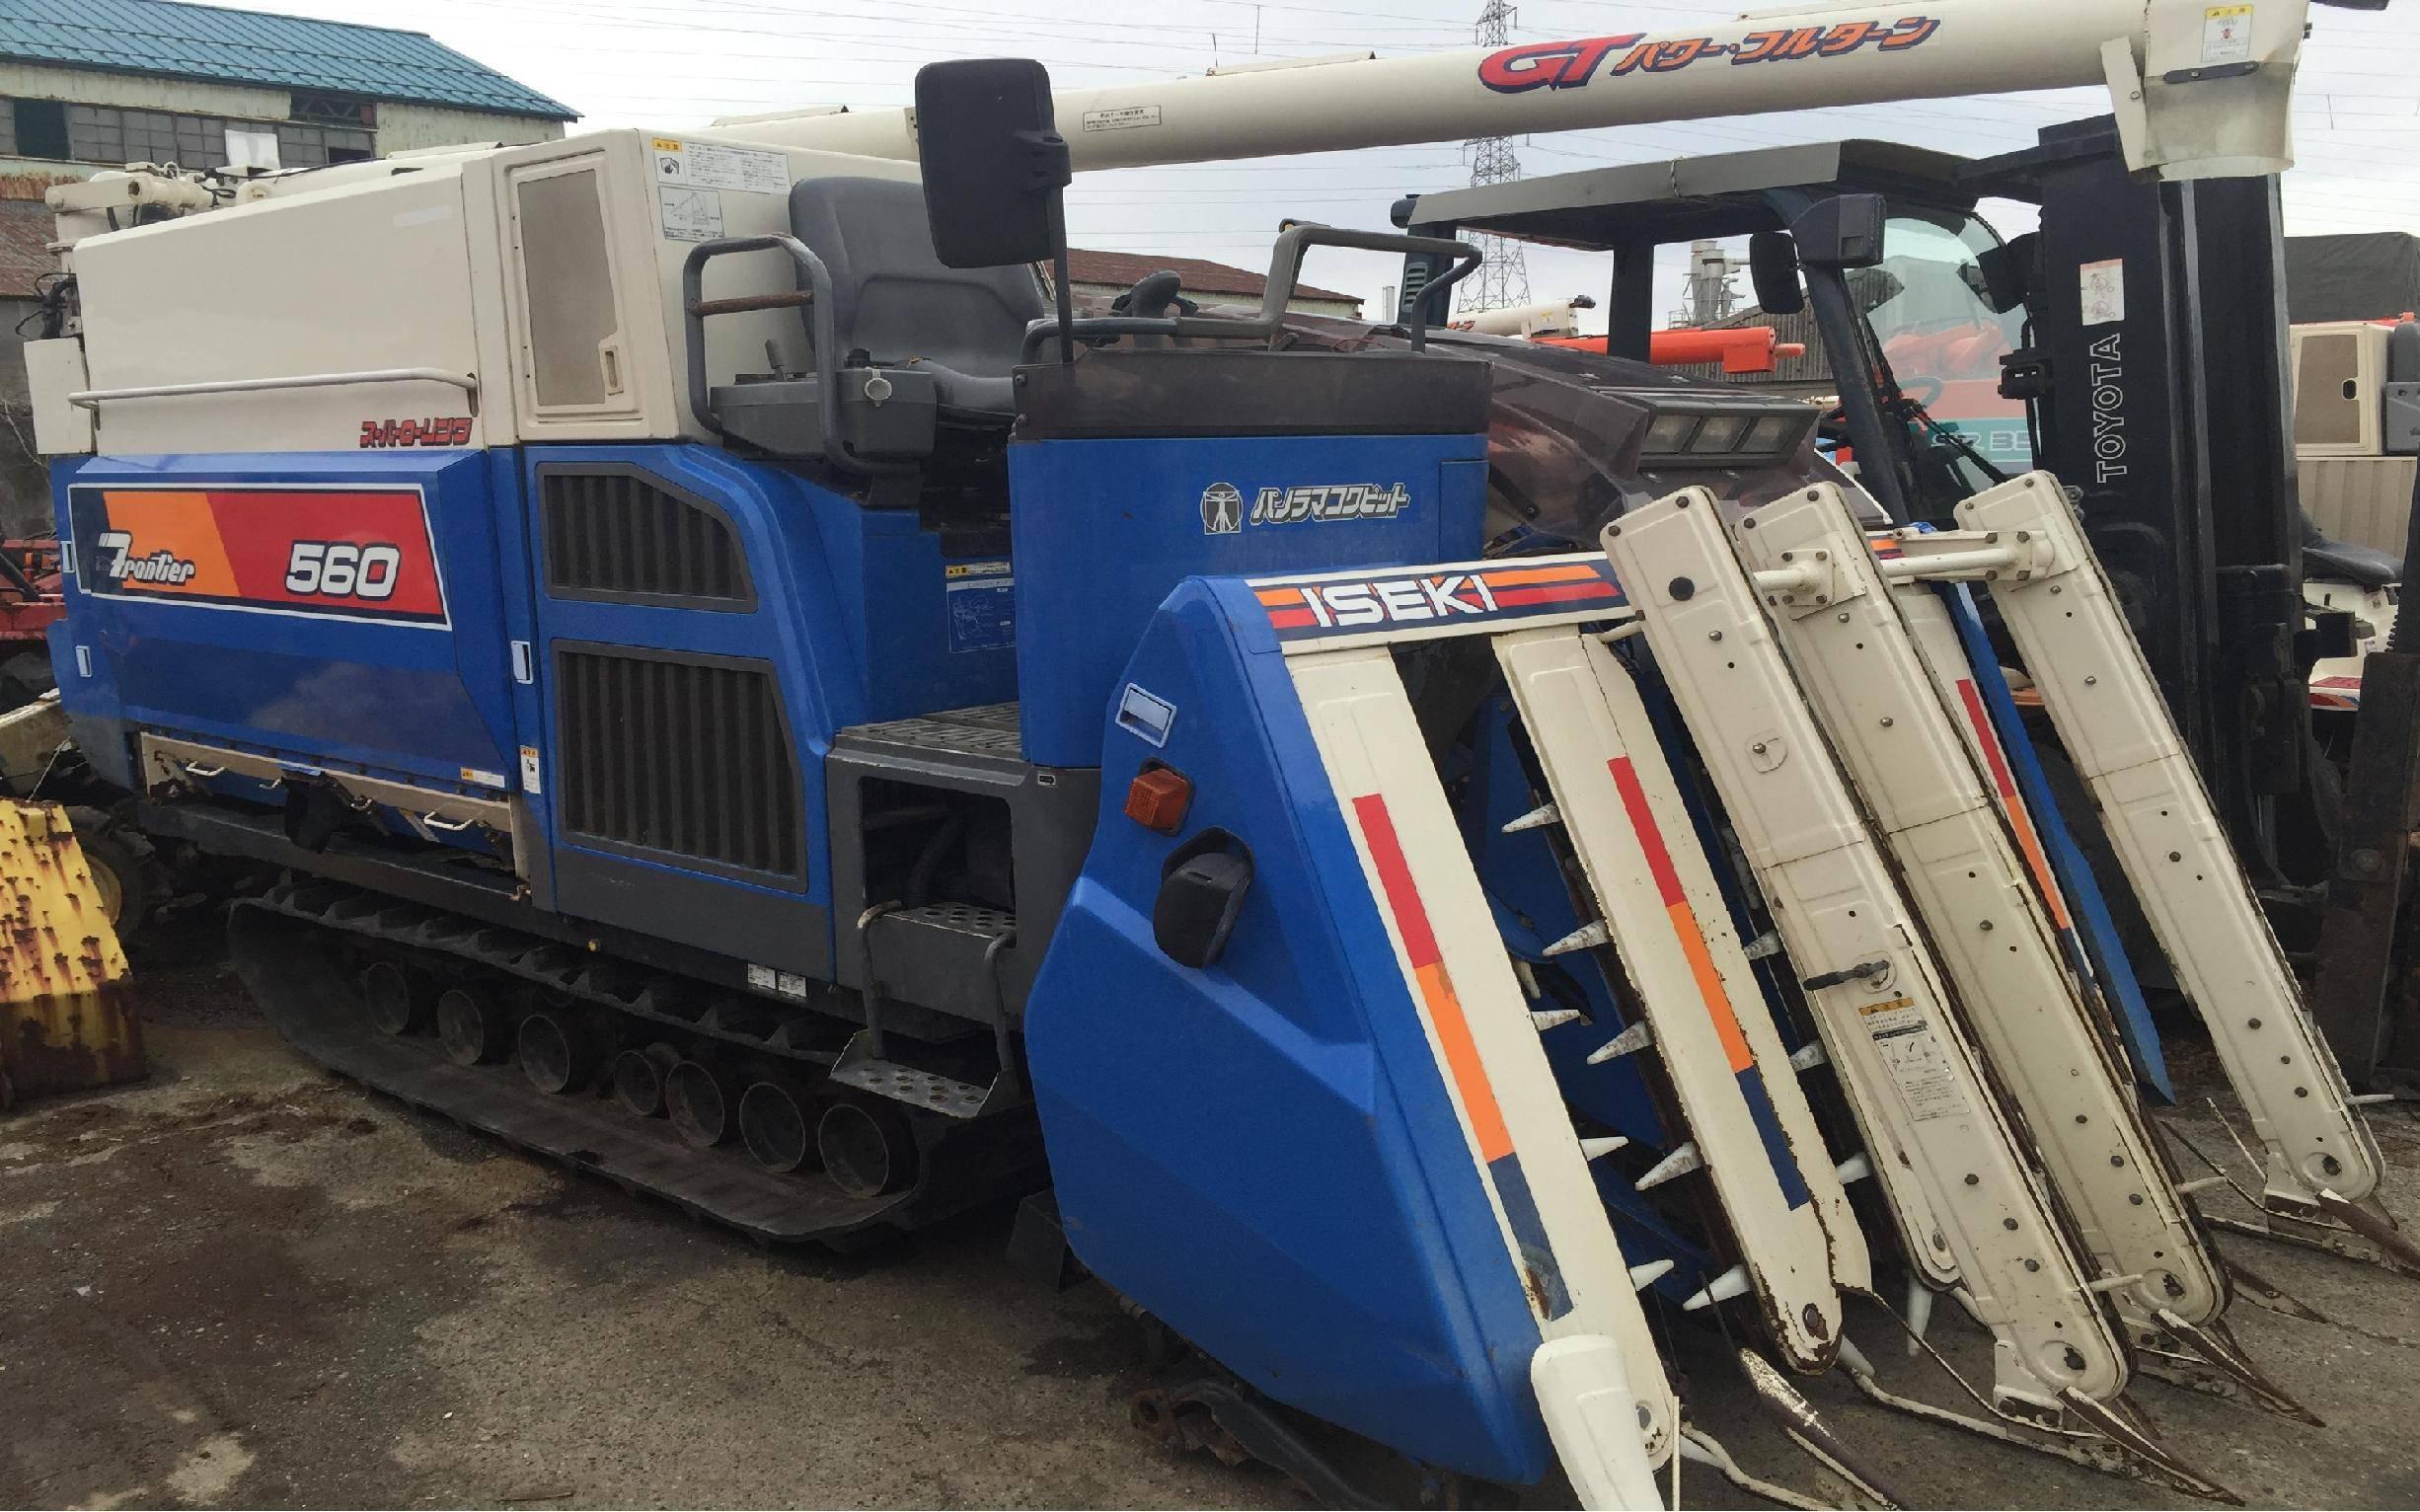 Used combine harvester Iseki Frontier GT 560